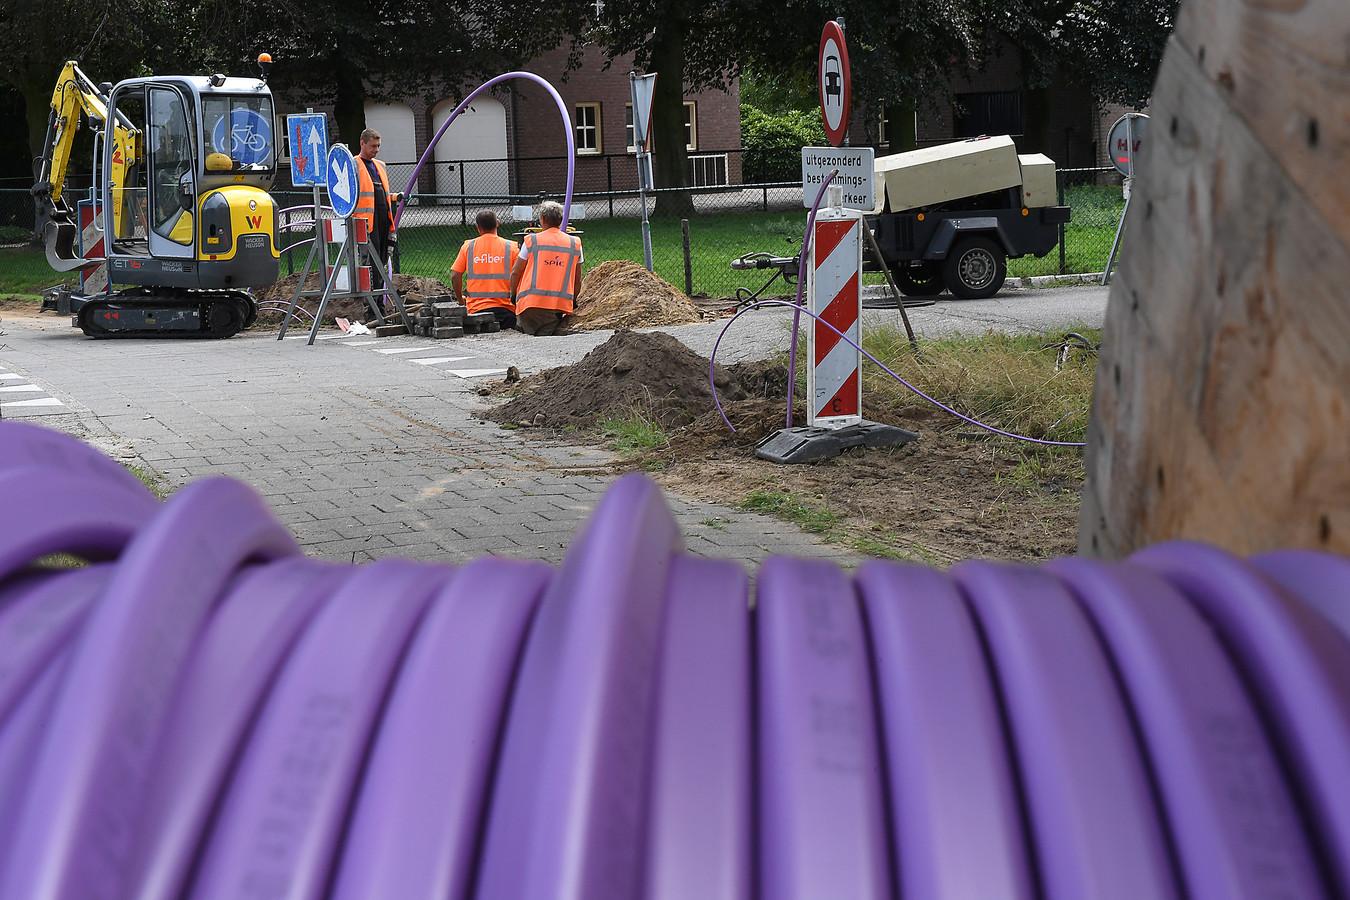 Glasvezelaanleg op de hoek van de Hoenderstraat en de Sint Anthonisweg in Ledeacker.